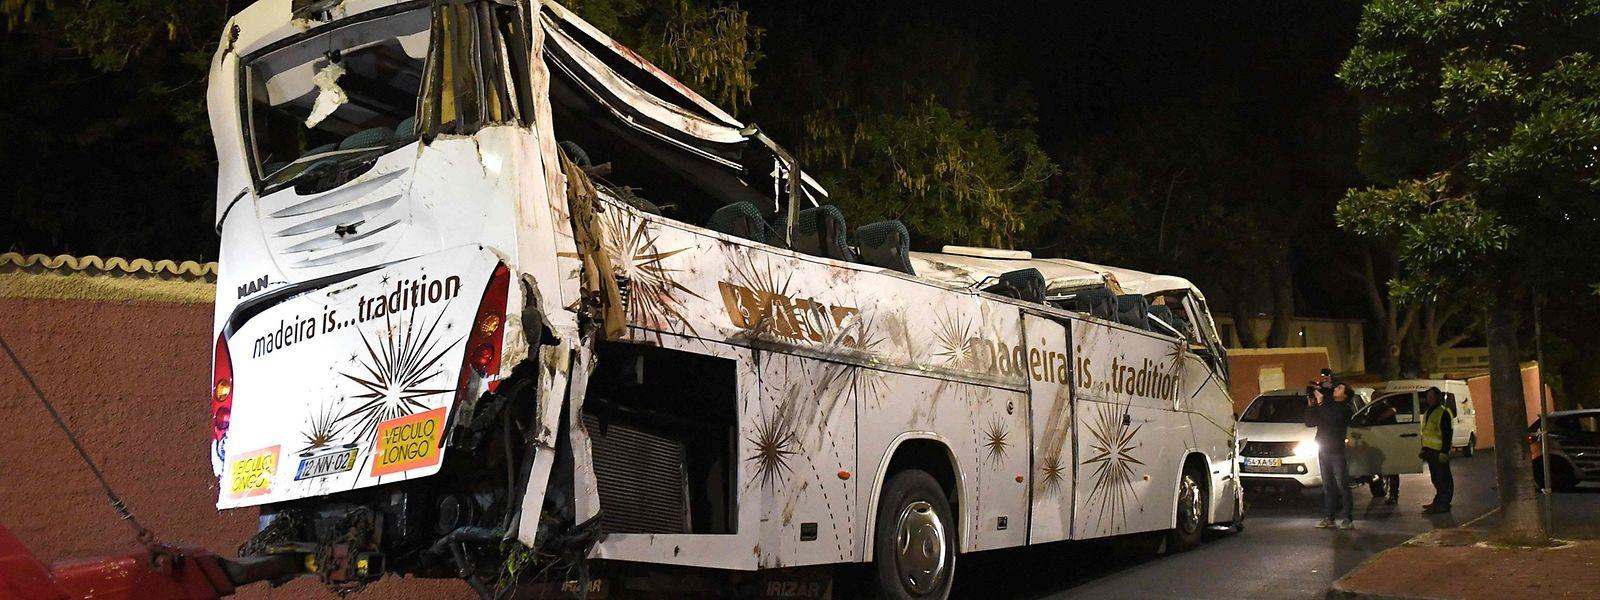 La carcasse du bus accidenté a été enlevée jeudi à l'aube.